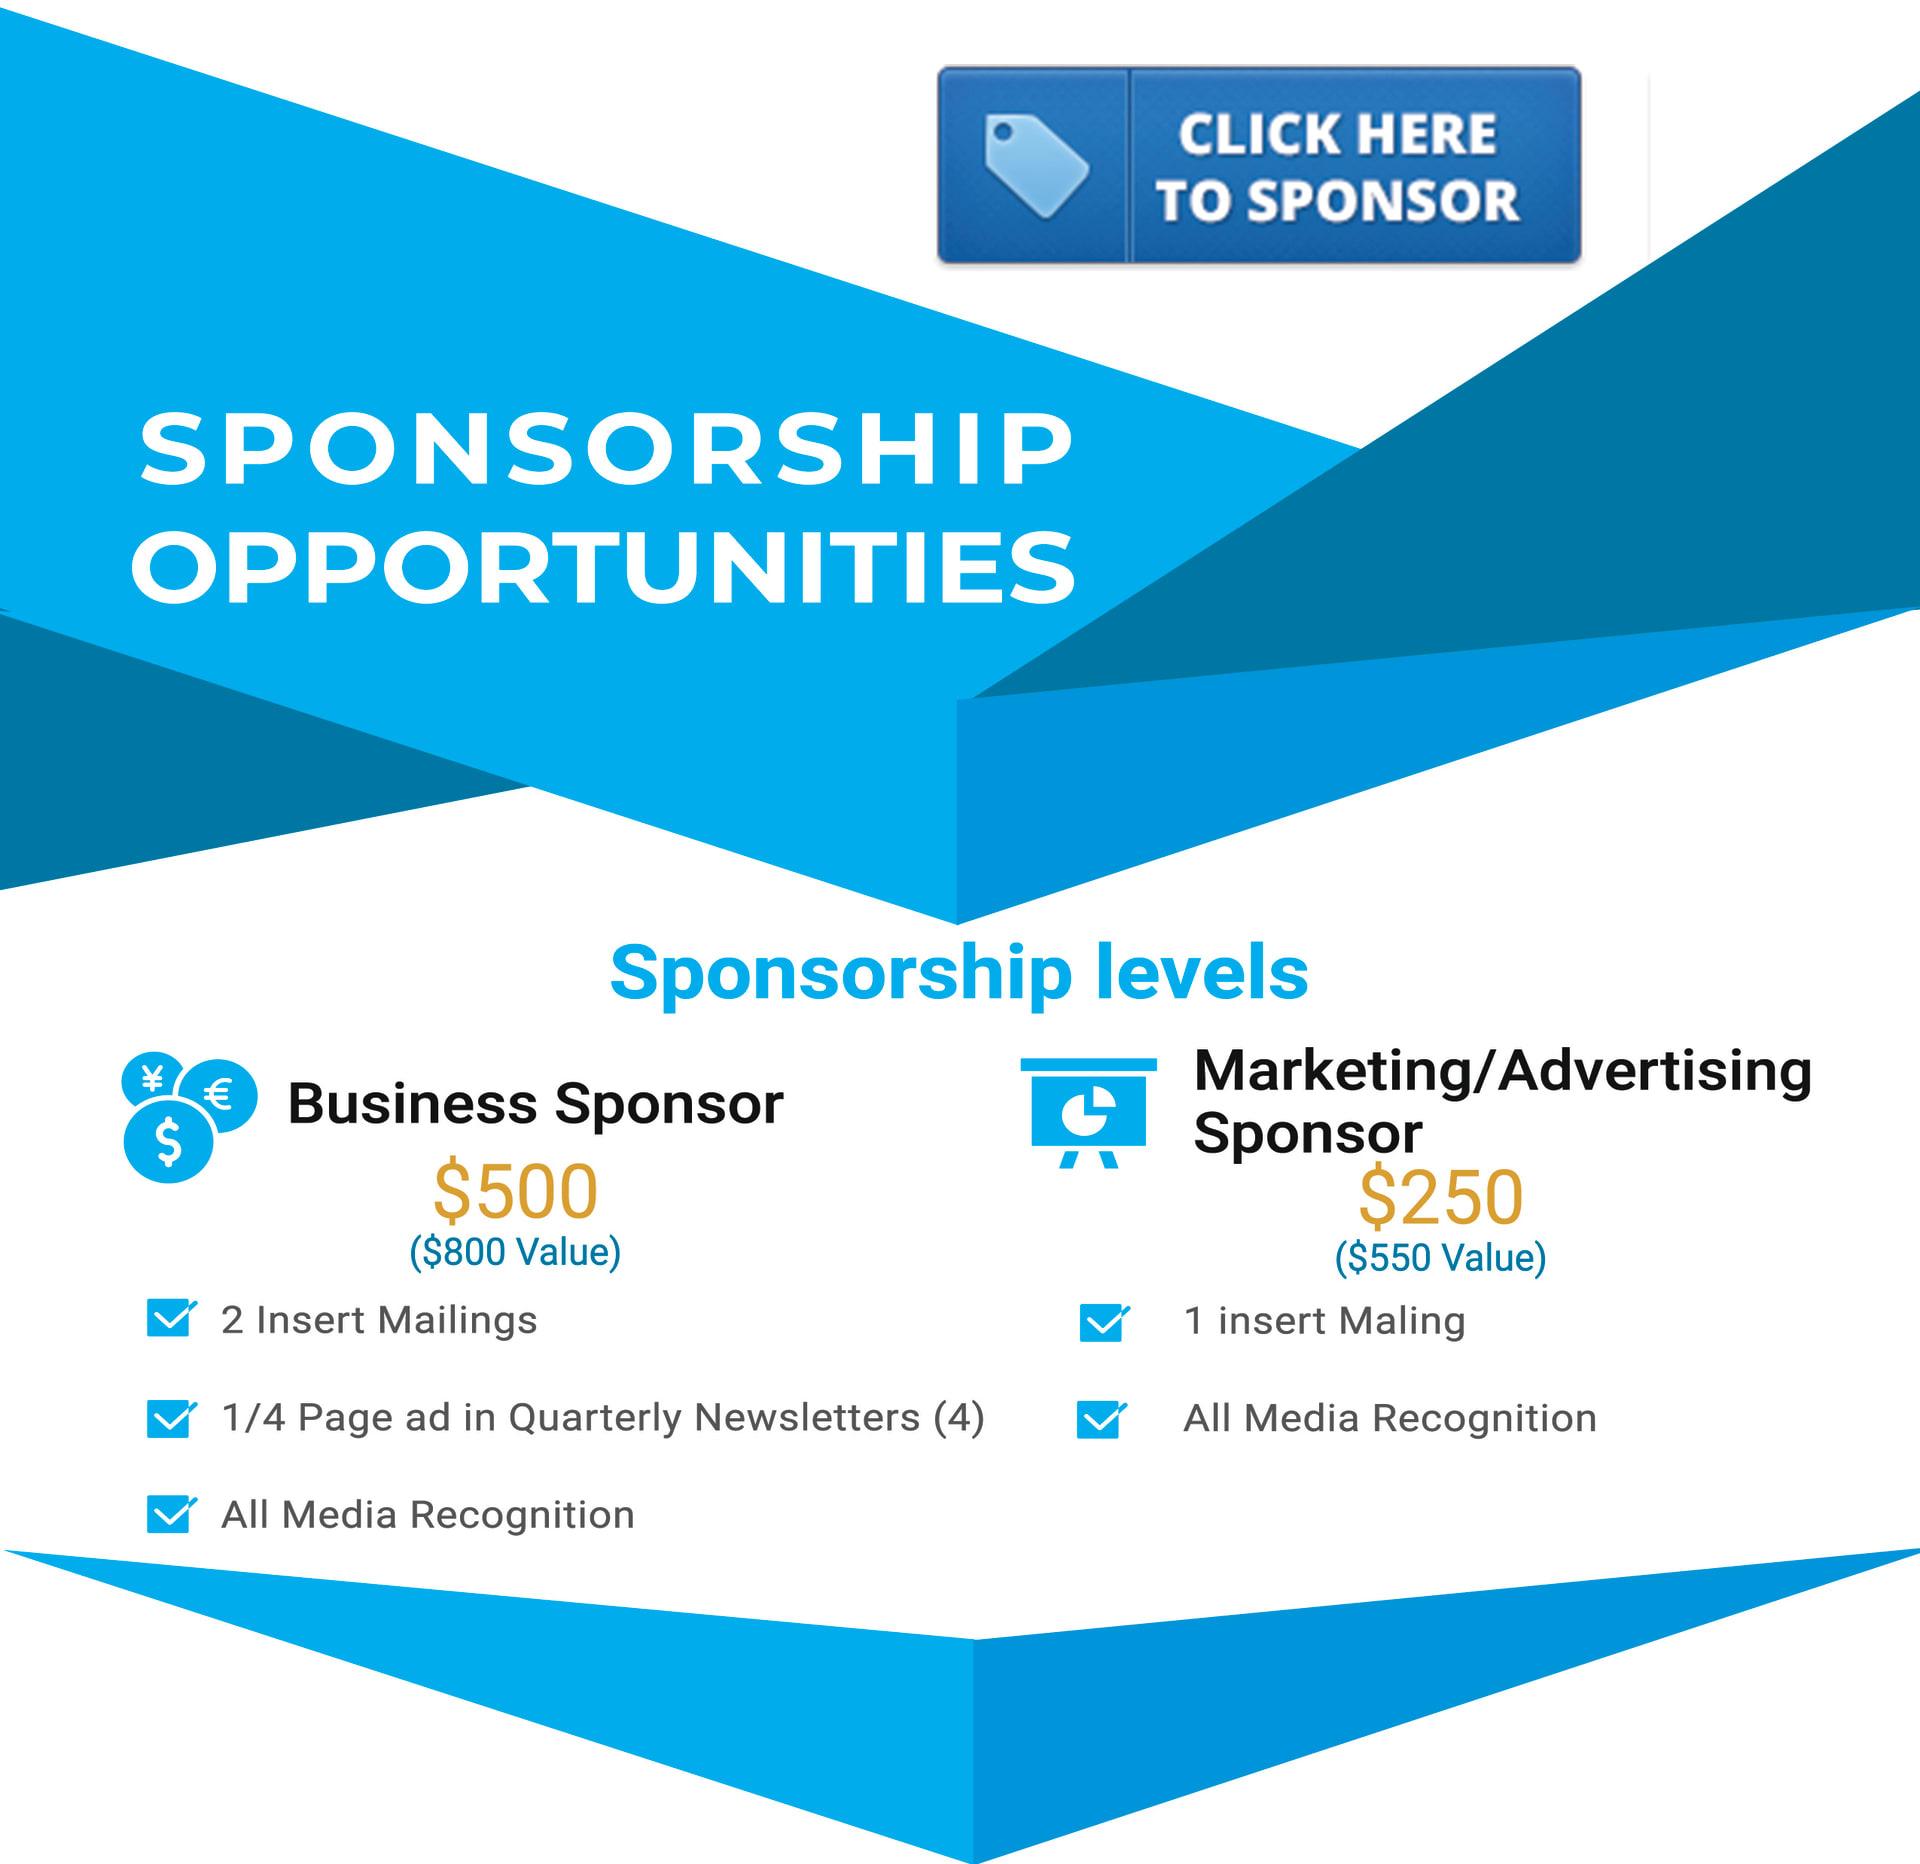 Sponsorship-Opportunity-w1920.jpg